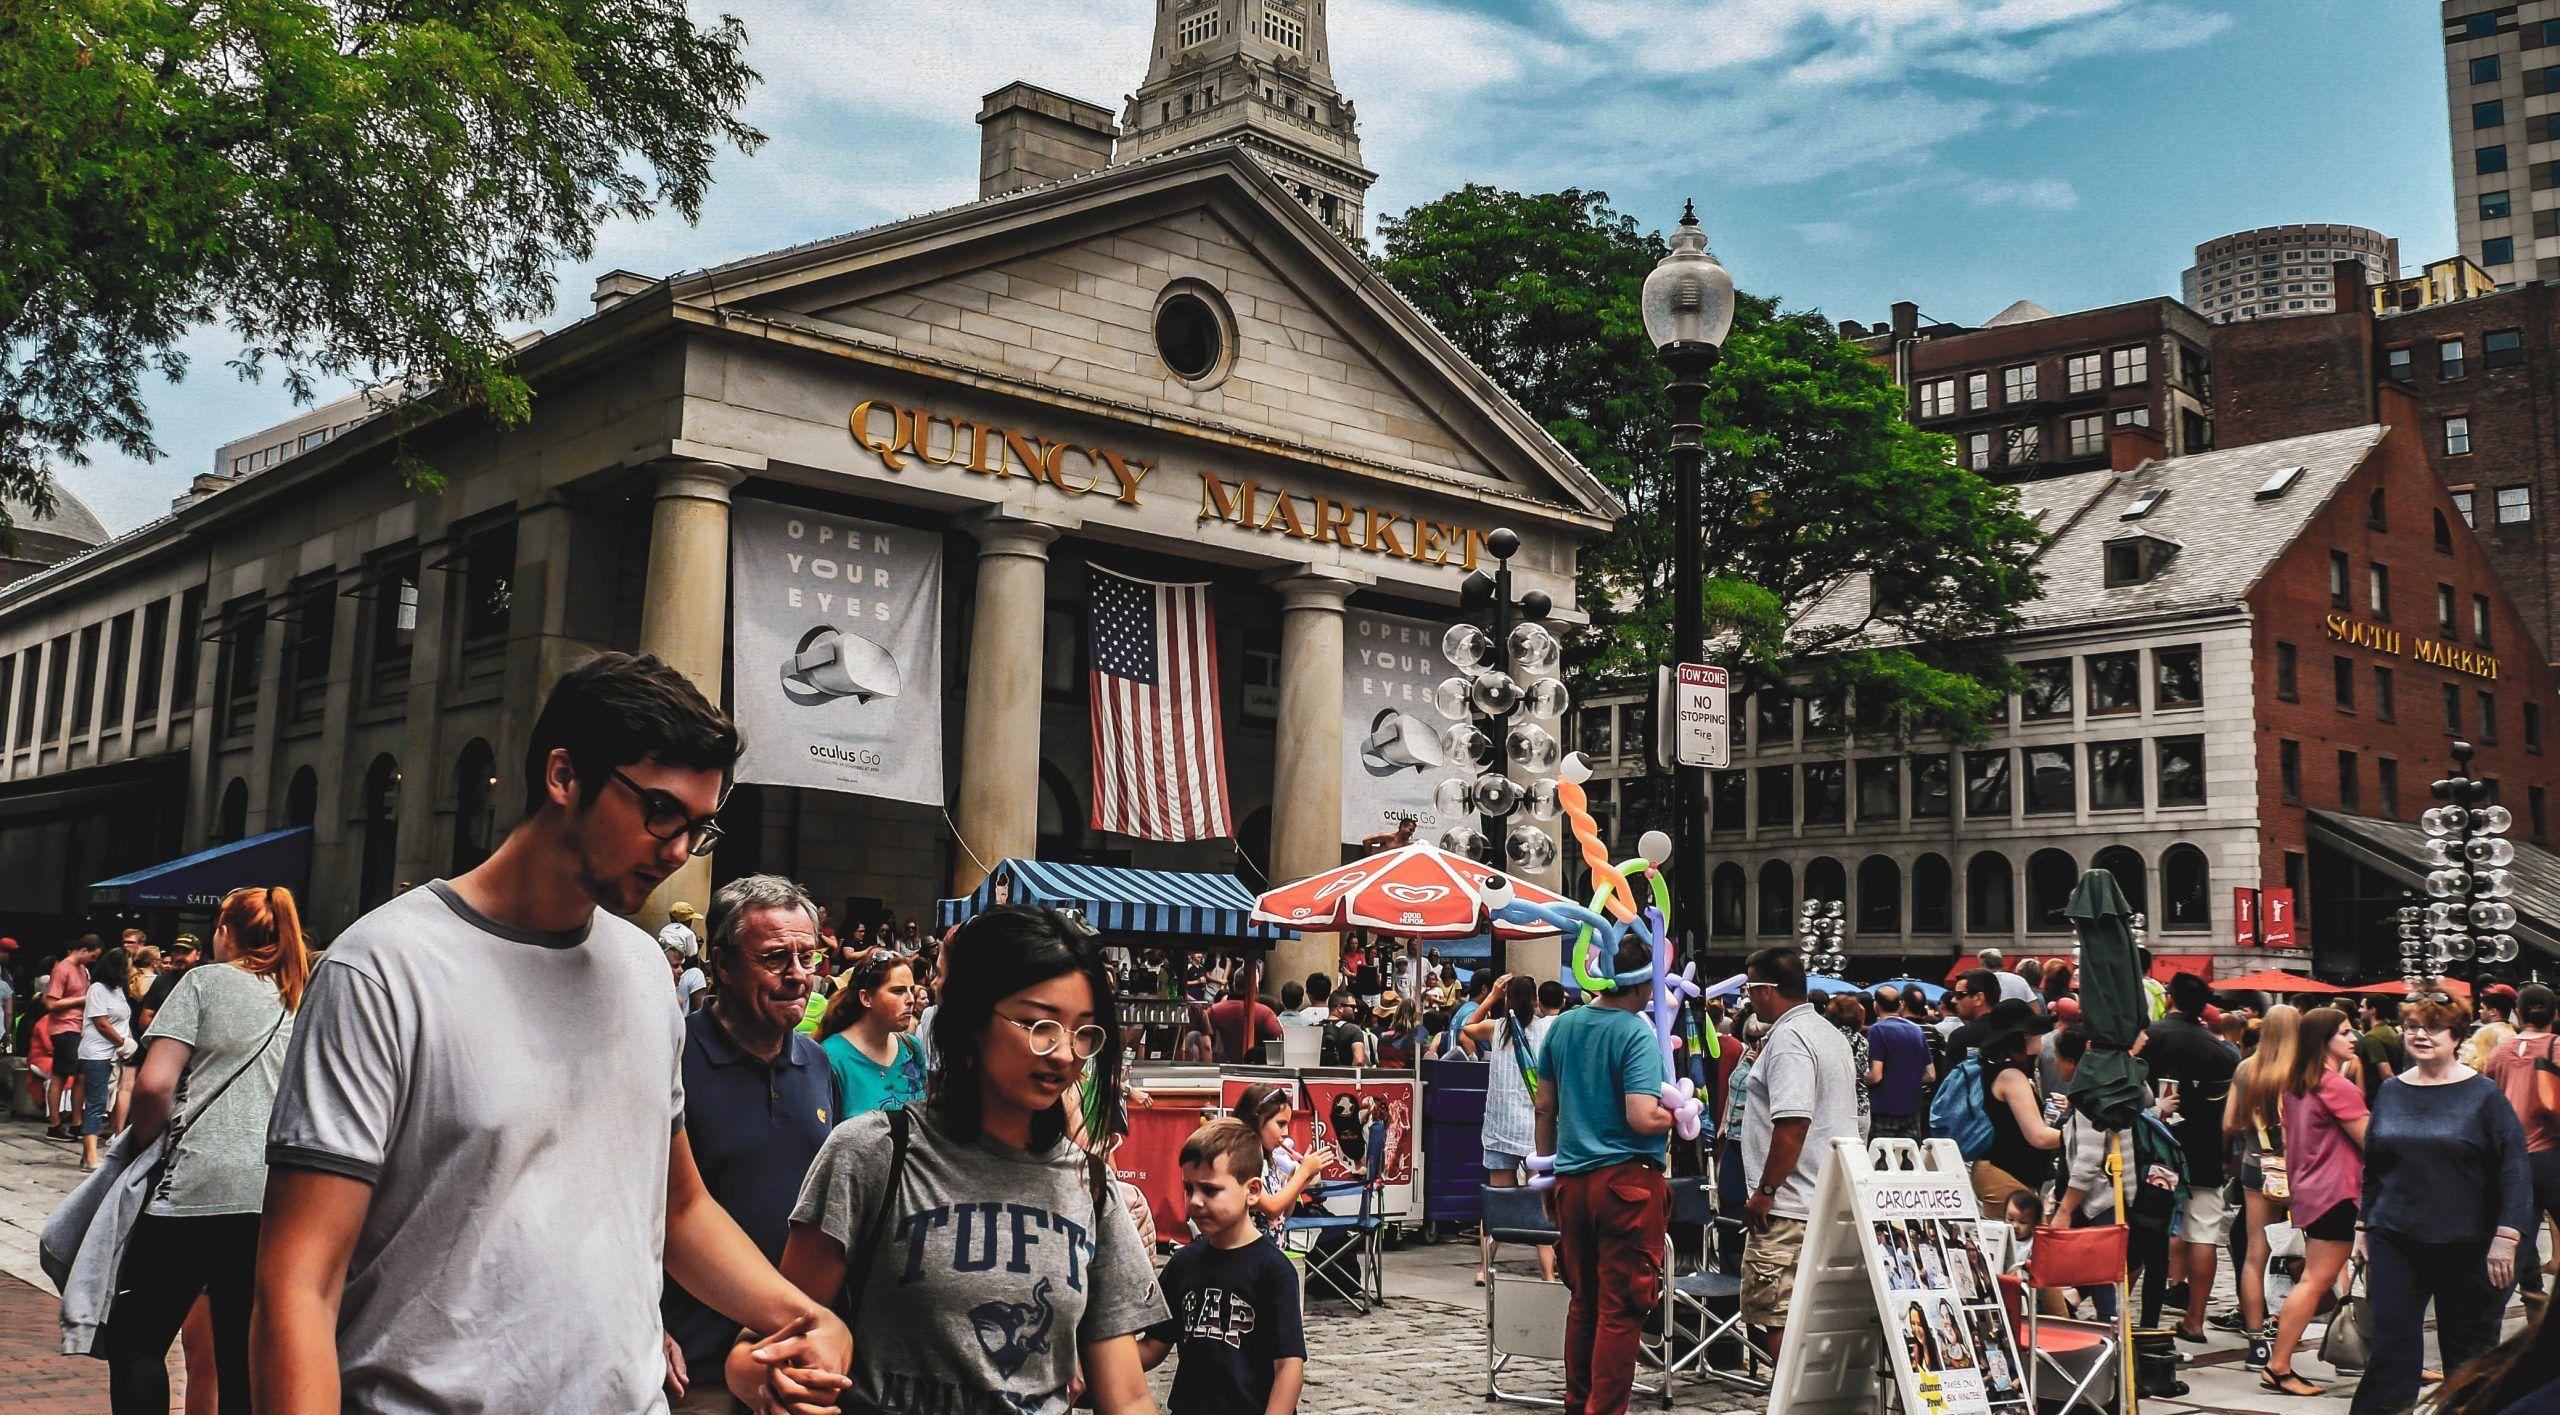 Quincy Market, dans le Faneuil Hall de Boston - Jay Ruzicka/Flickr